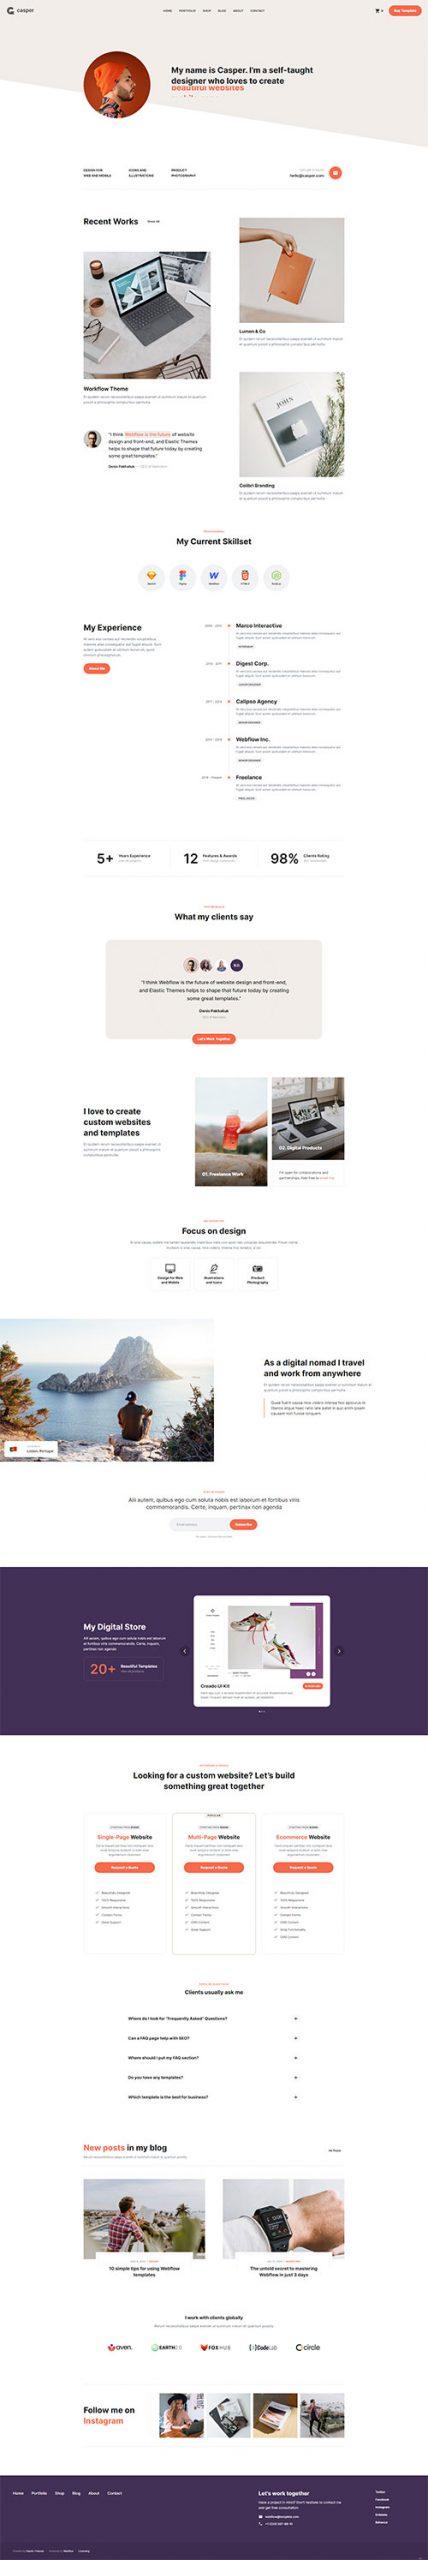 Mẫu-website-trang-Profile,-CV-giới-thiệu-cá-nhân-ấn-tượng-01